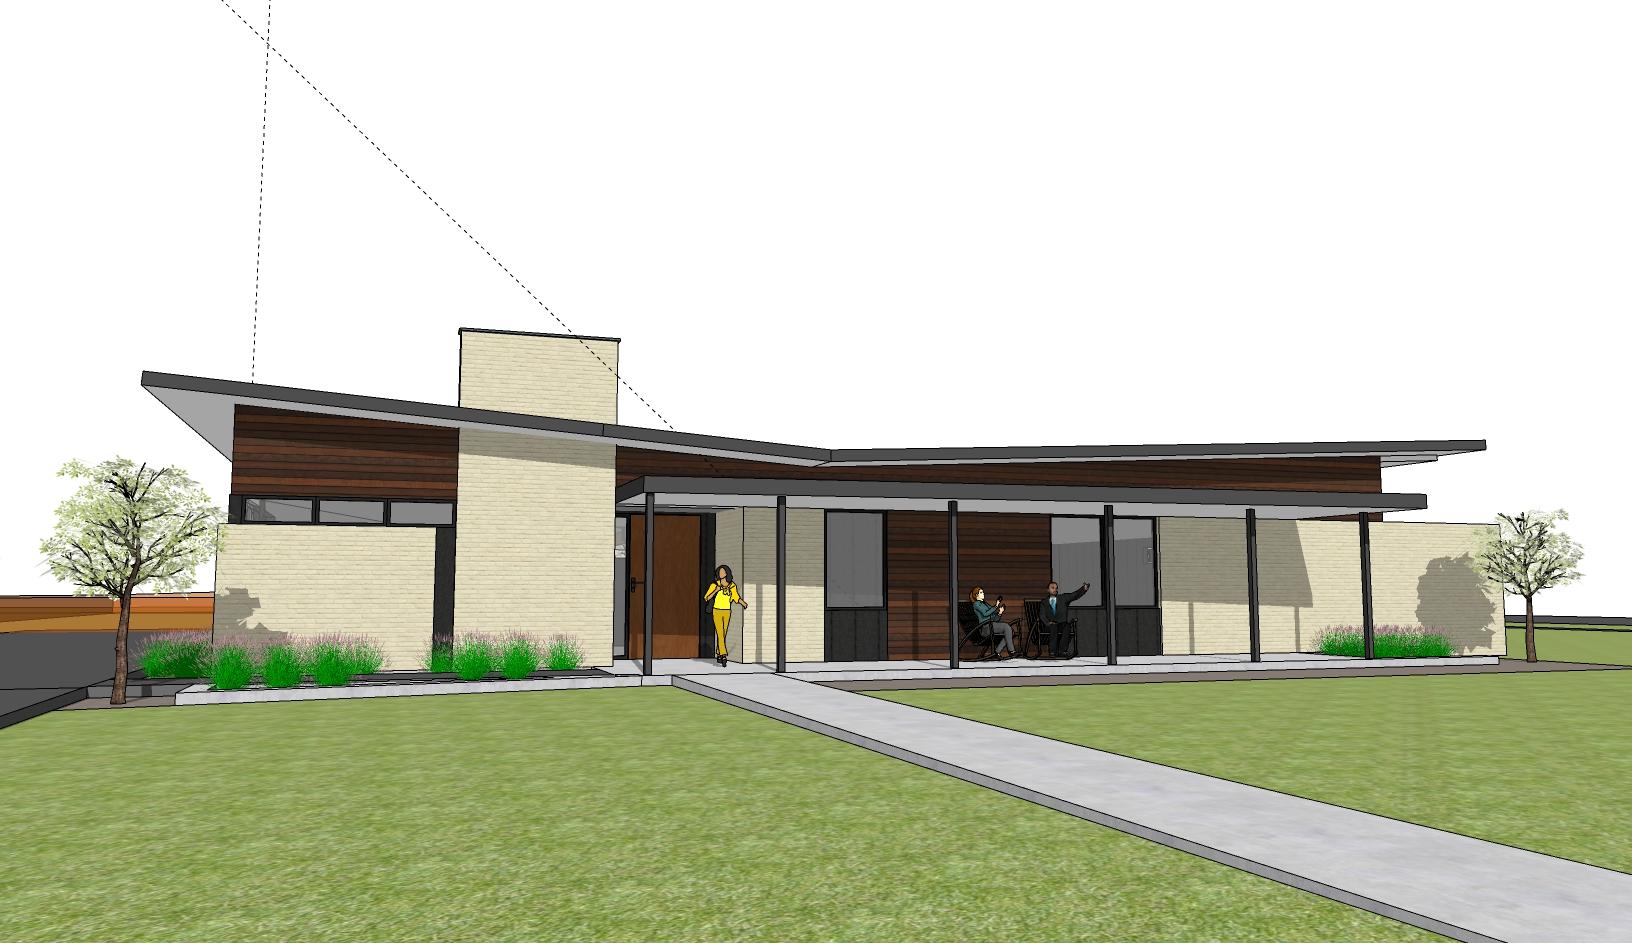 La Mesa Directiva Escolar aprueba el contrato para iniciar la construcción de la Academia de Transición HCISD.